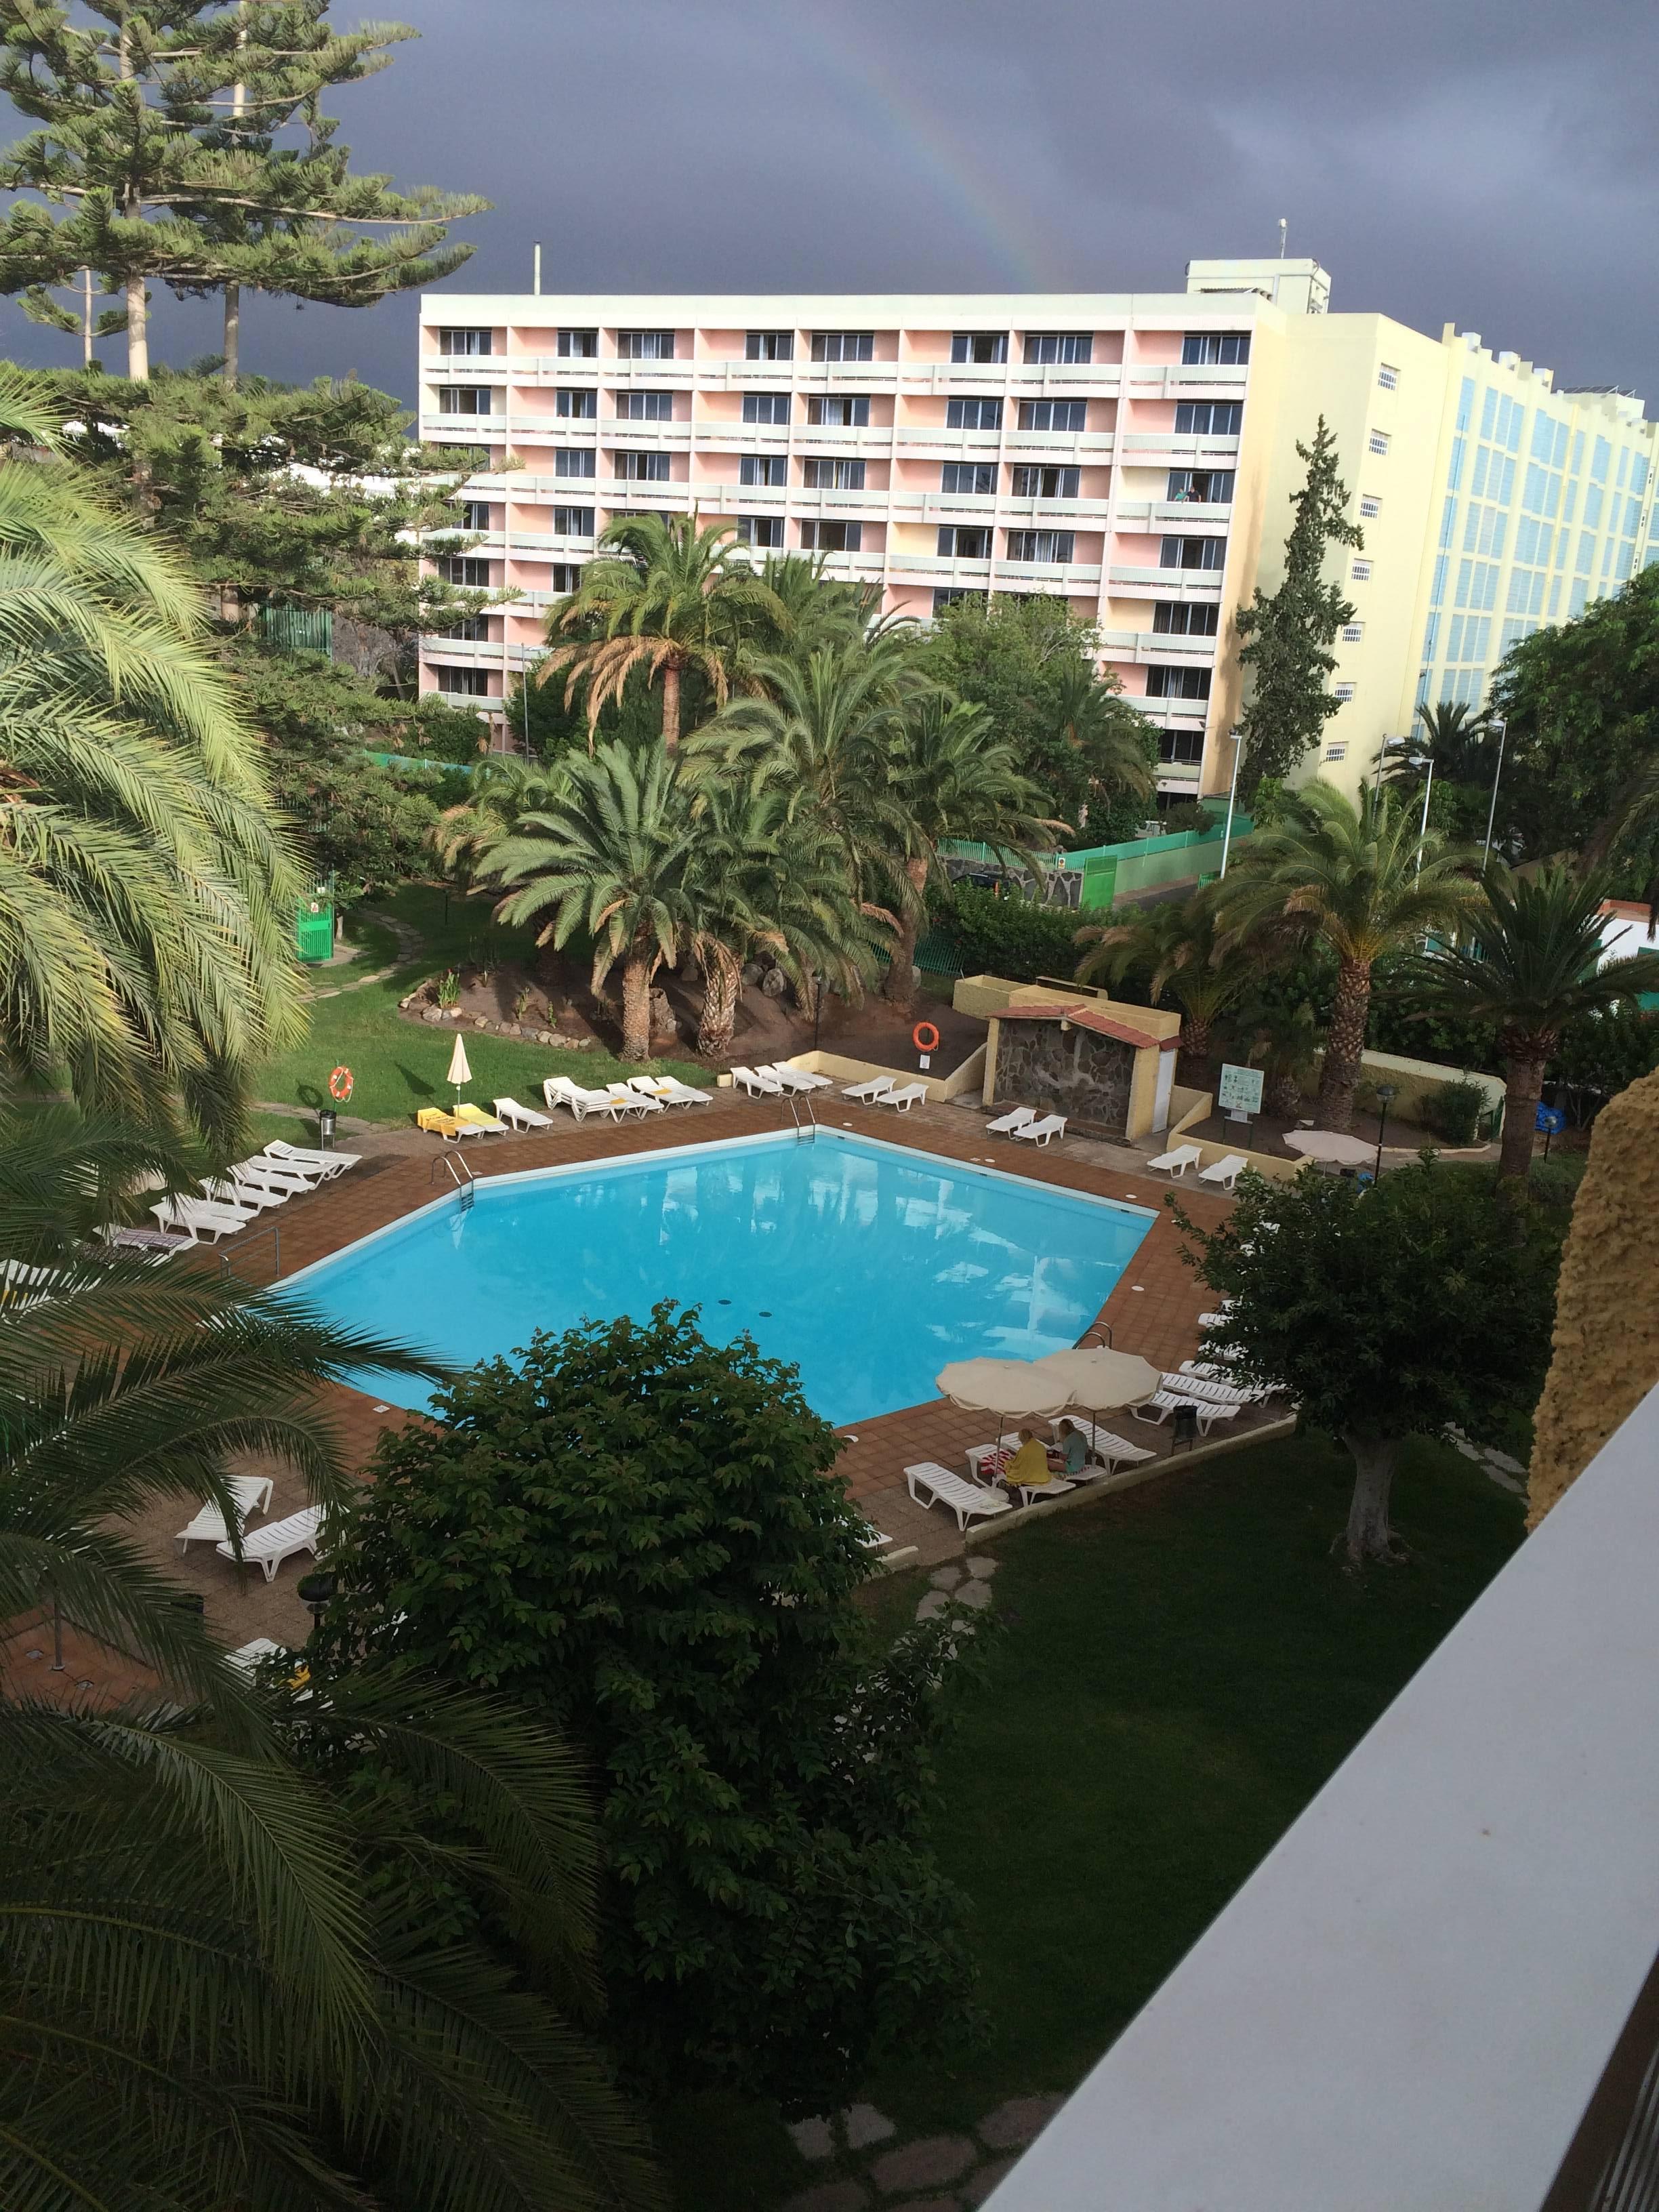 Hotel jardin del atlantico in playa del ingles for Aparthotel jardin del atlantico